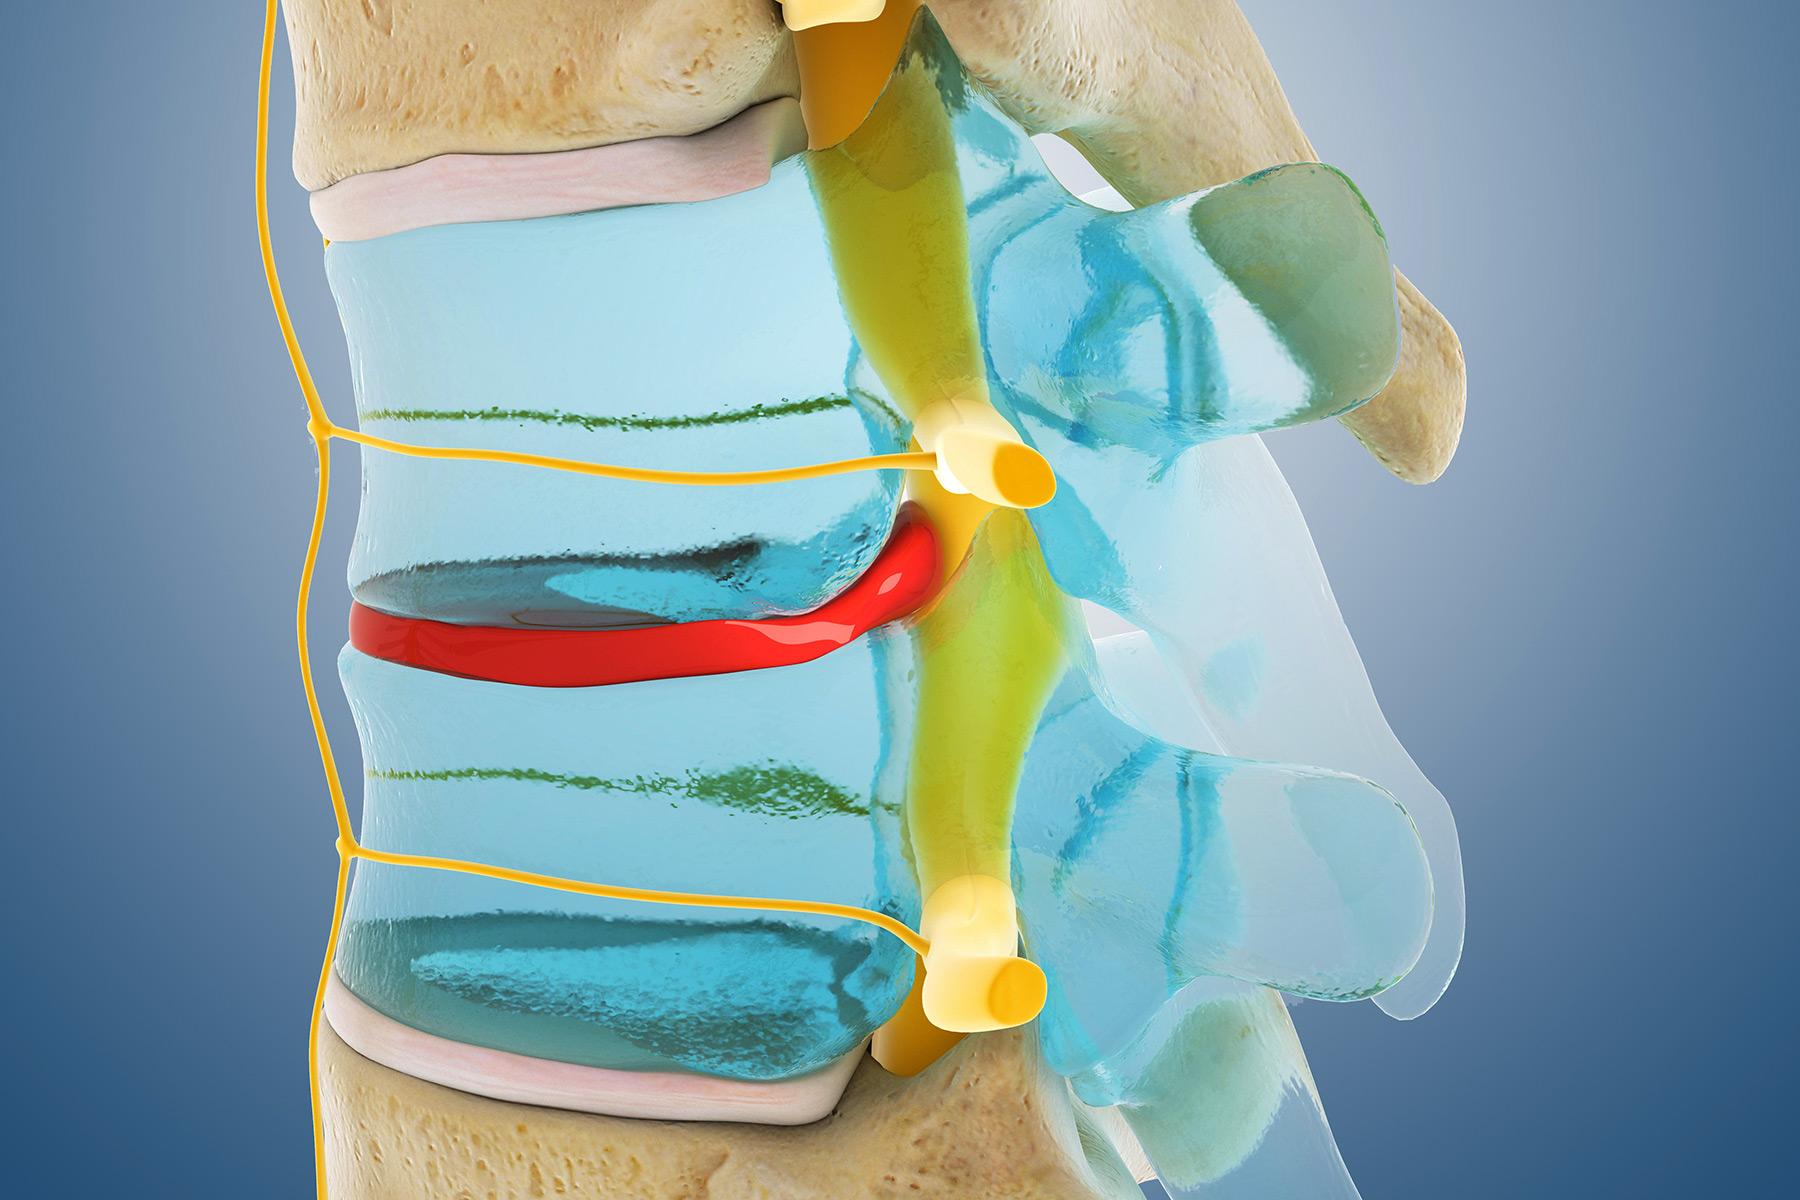 Κορωνοϊός Επιπλοκές: Προβλήματα με τη σπονδυλική στήλη